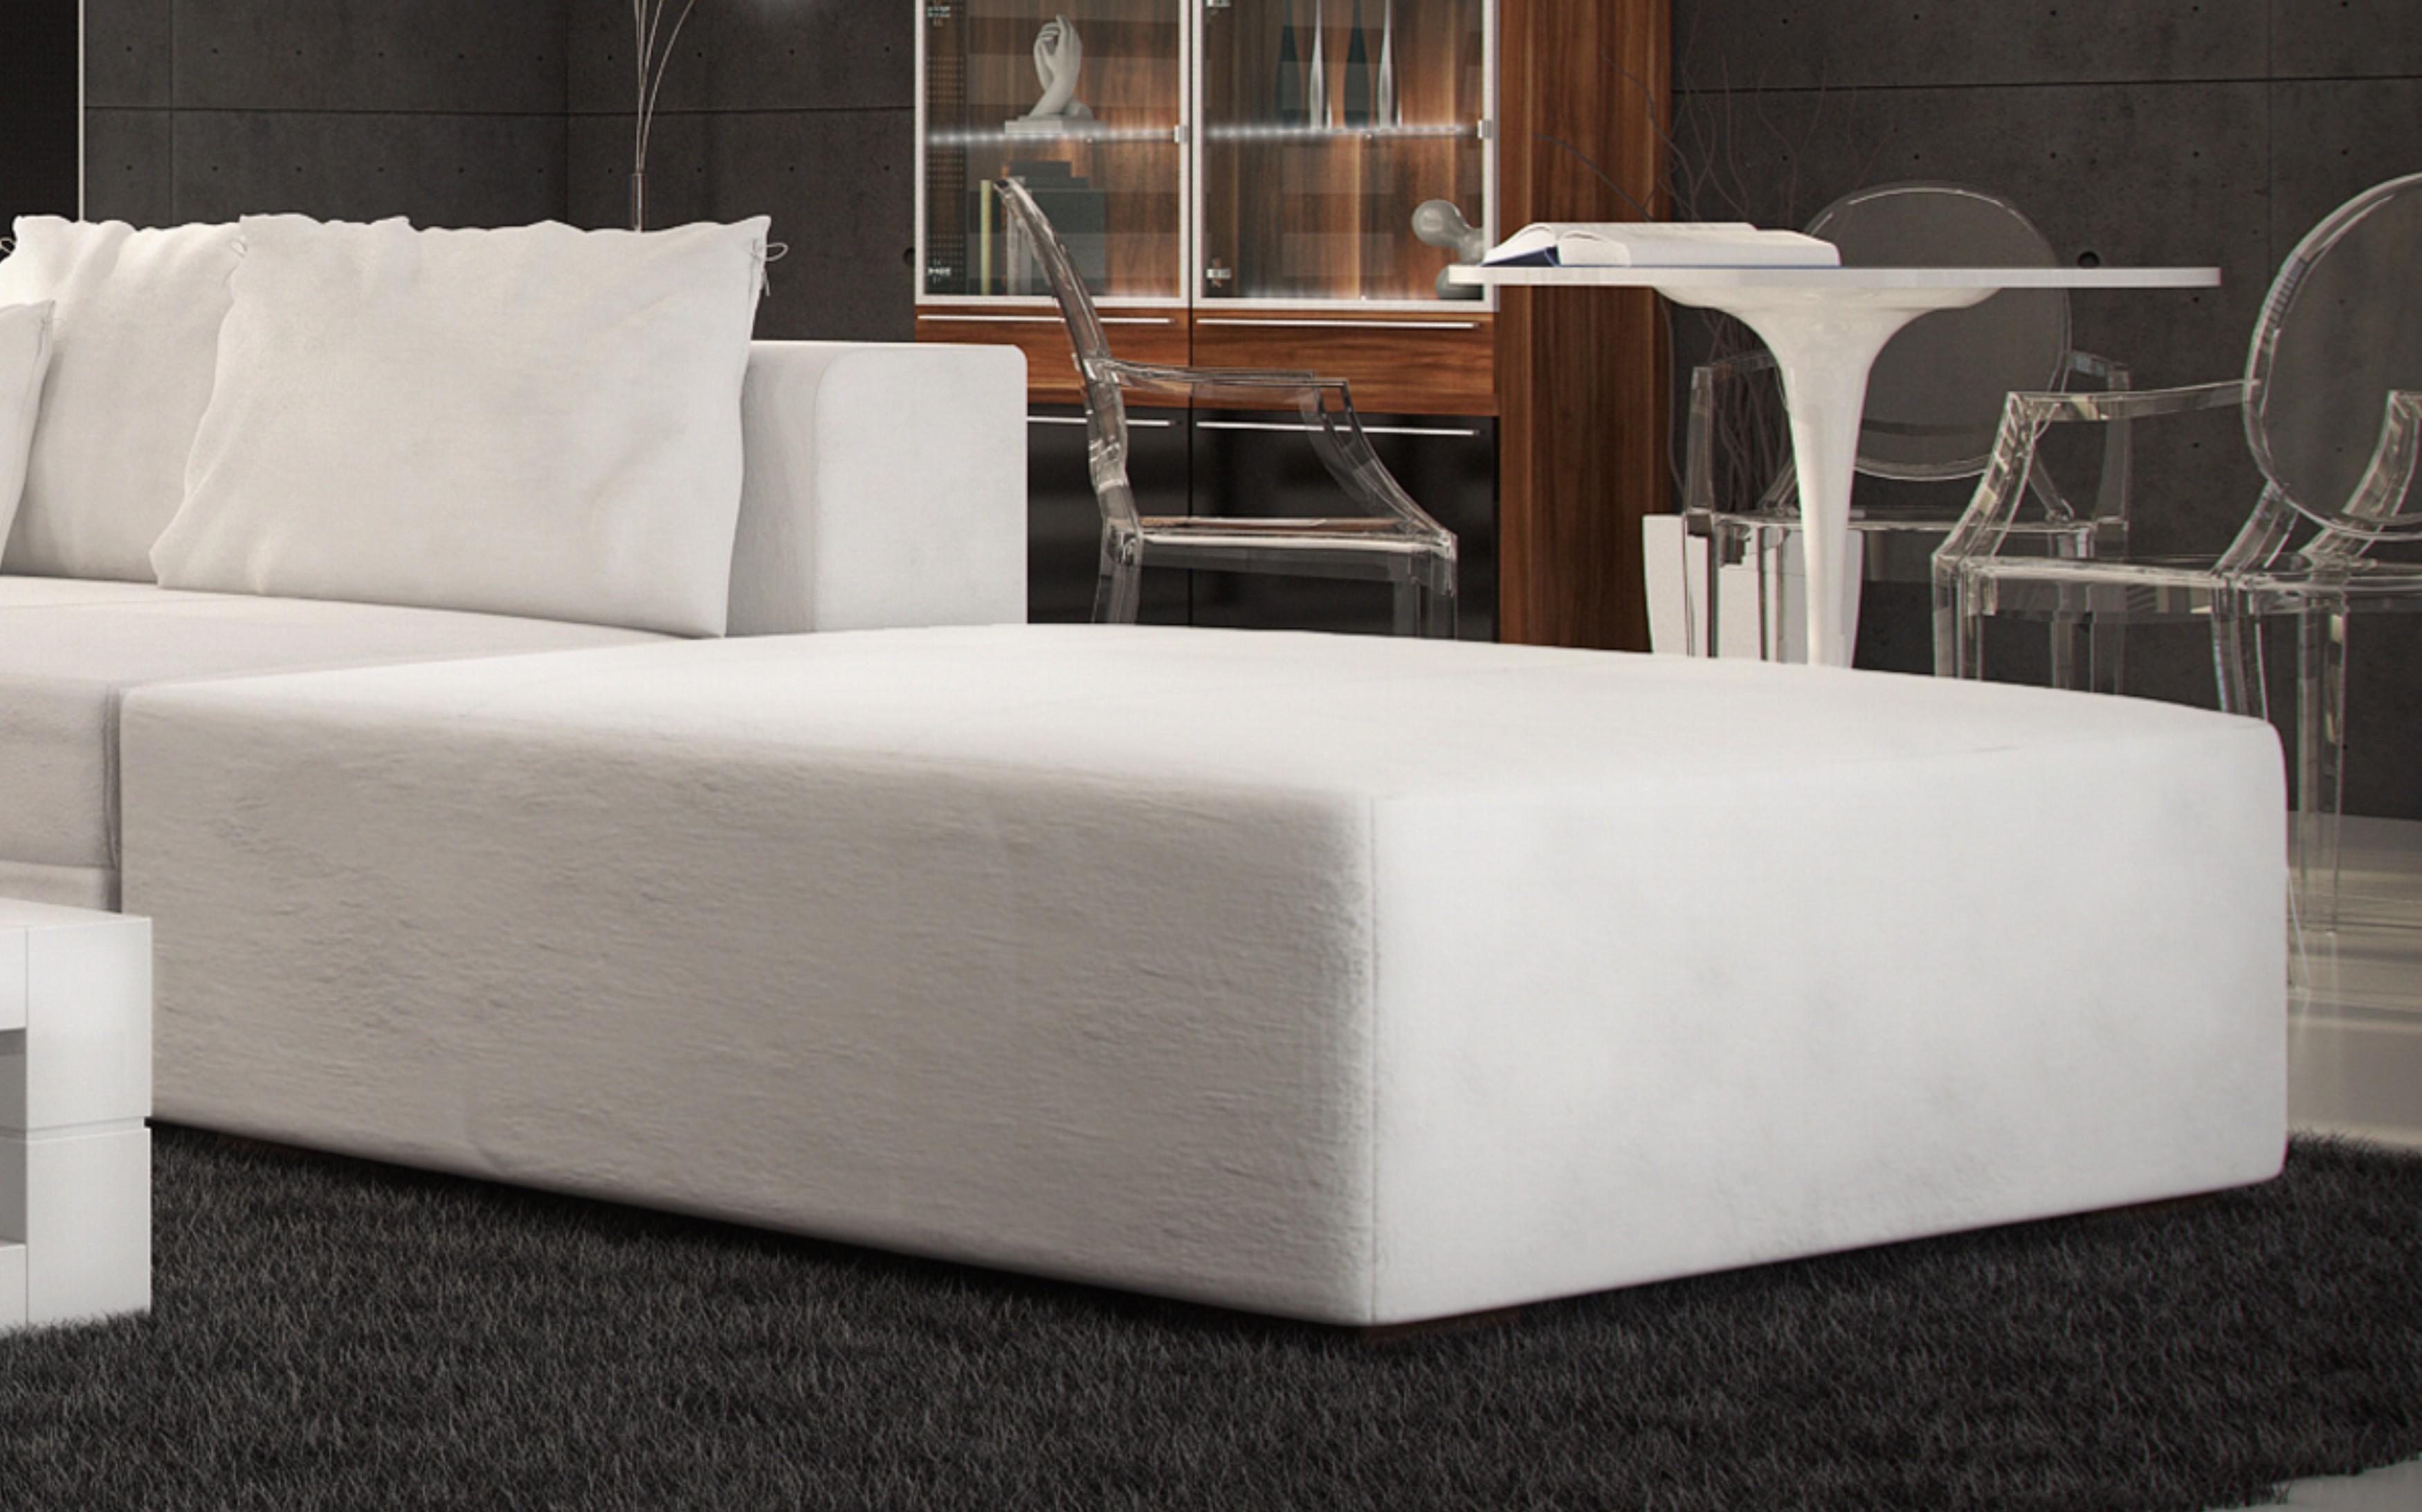 SAM® Wohnzimmer Hocker passend zur Couch Amare weiß